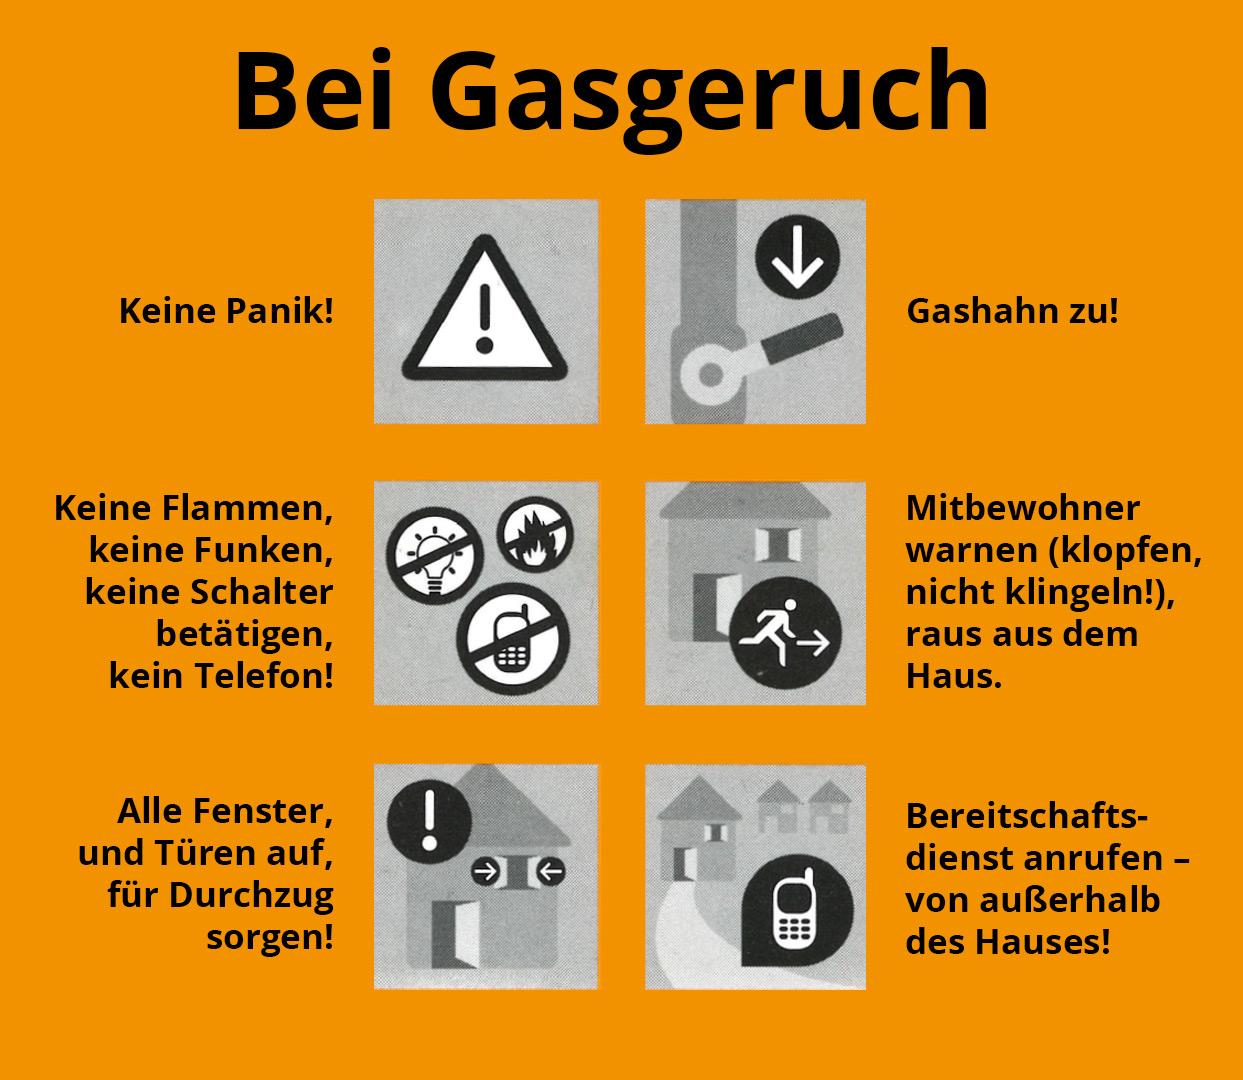 Warnung: Was tun bei Gasgeruch? Checkliste Sicherheit bei Gasgeruch – GEO Energie Ostalb